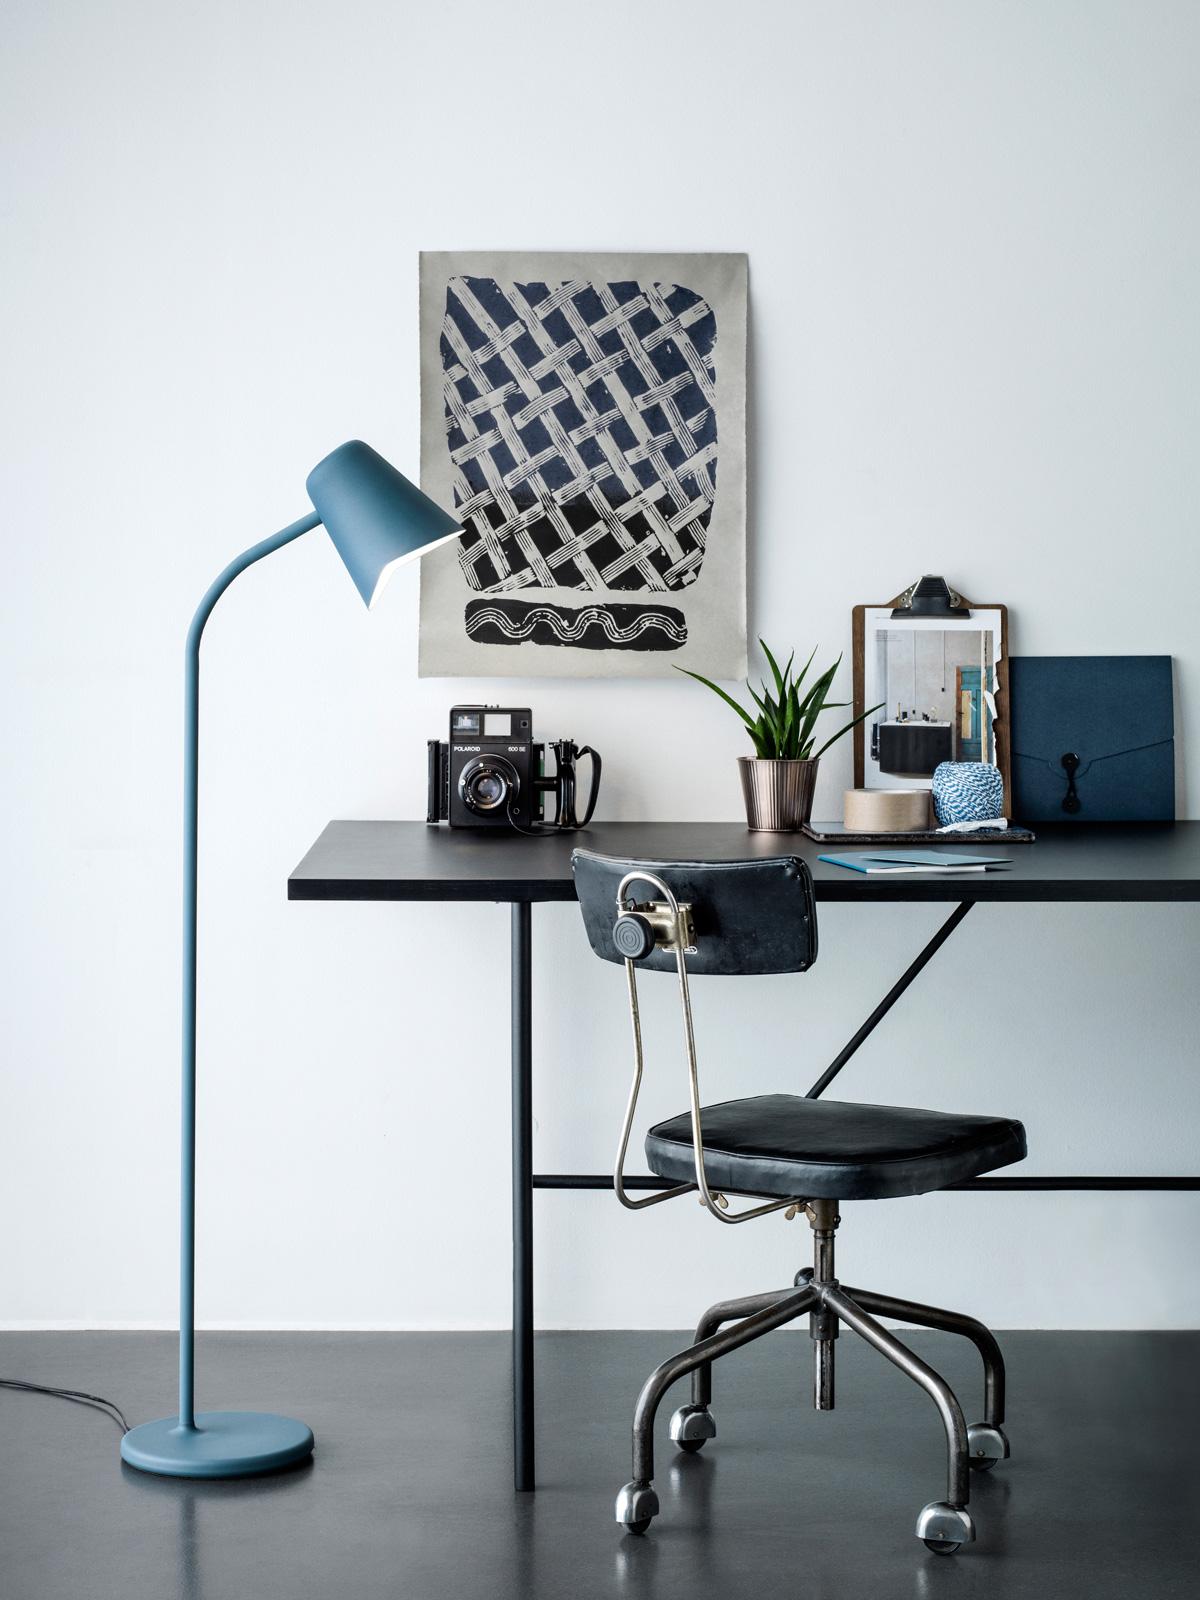 Blaue Stehlampe Me von Northern Lighting - neue Leuchten und Lampen Designort Onlineshop